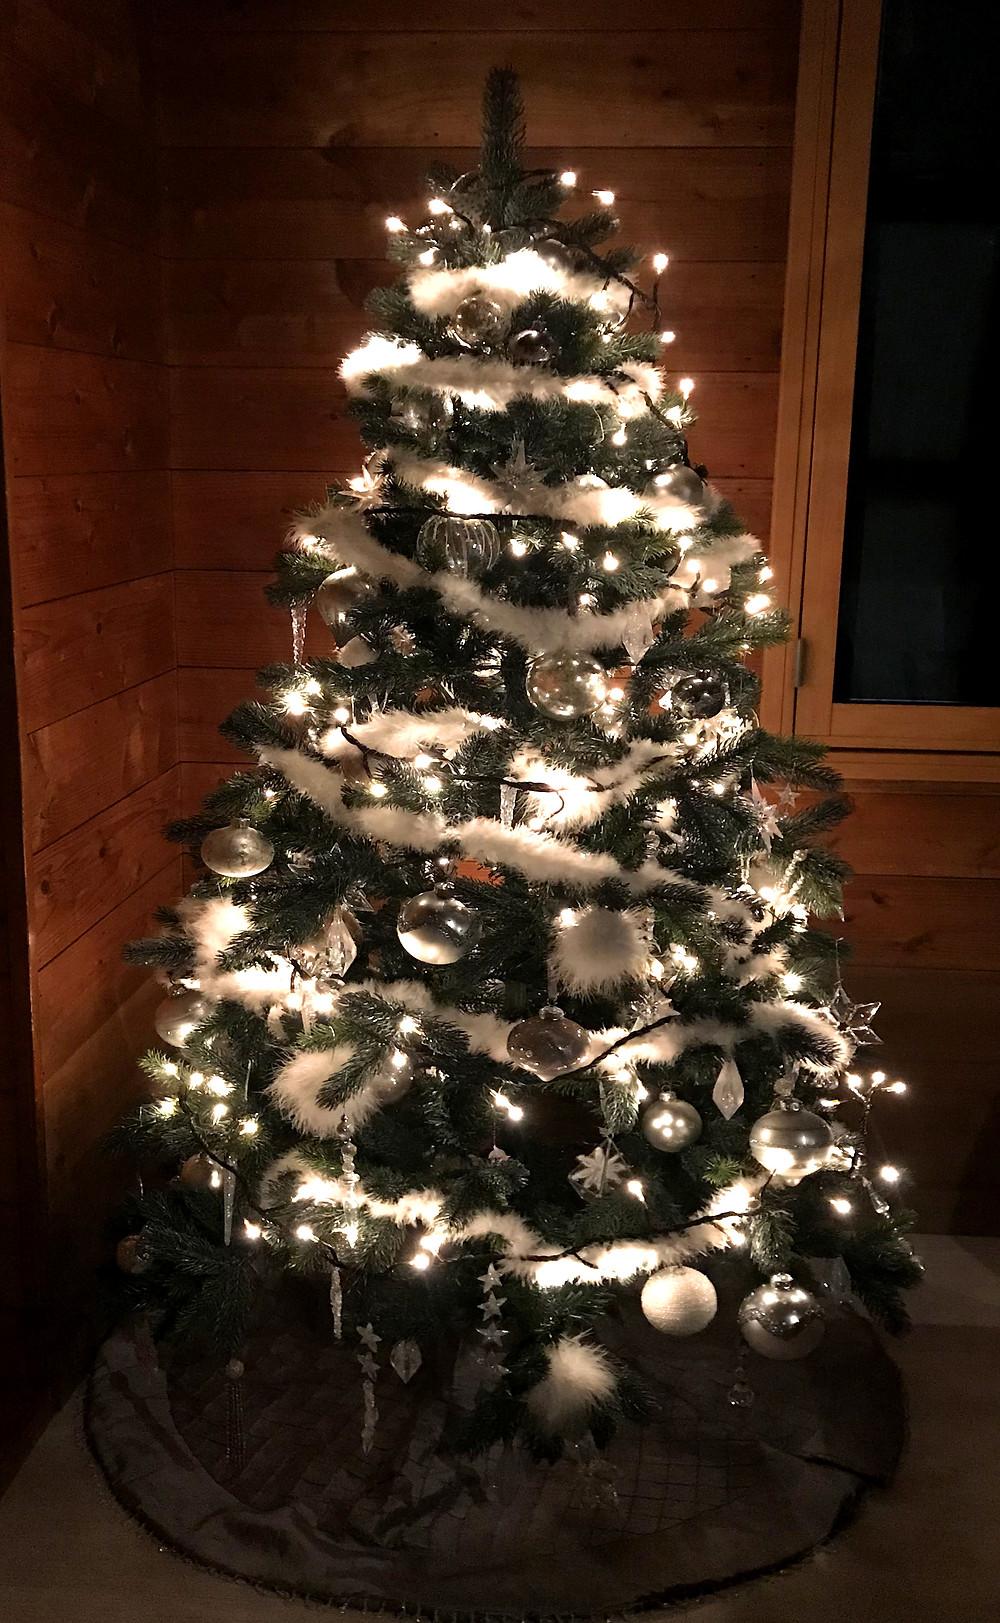 RIVERBANKみと クリスマスツリー